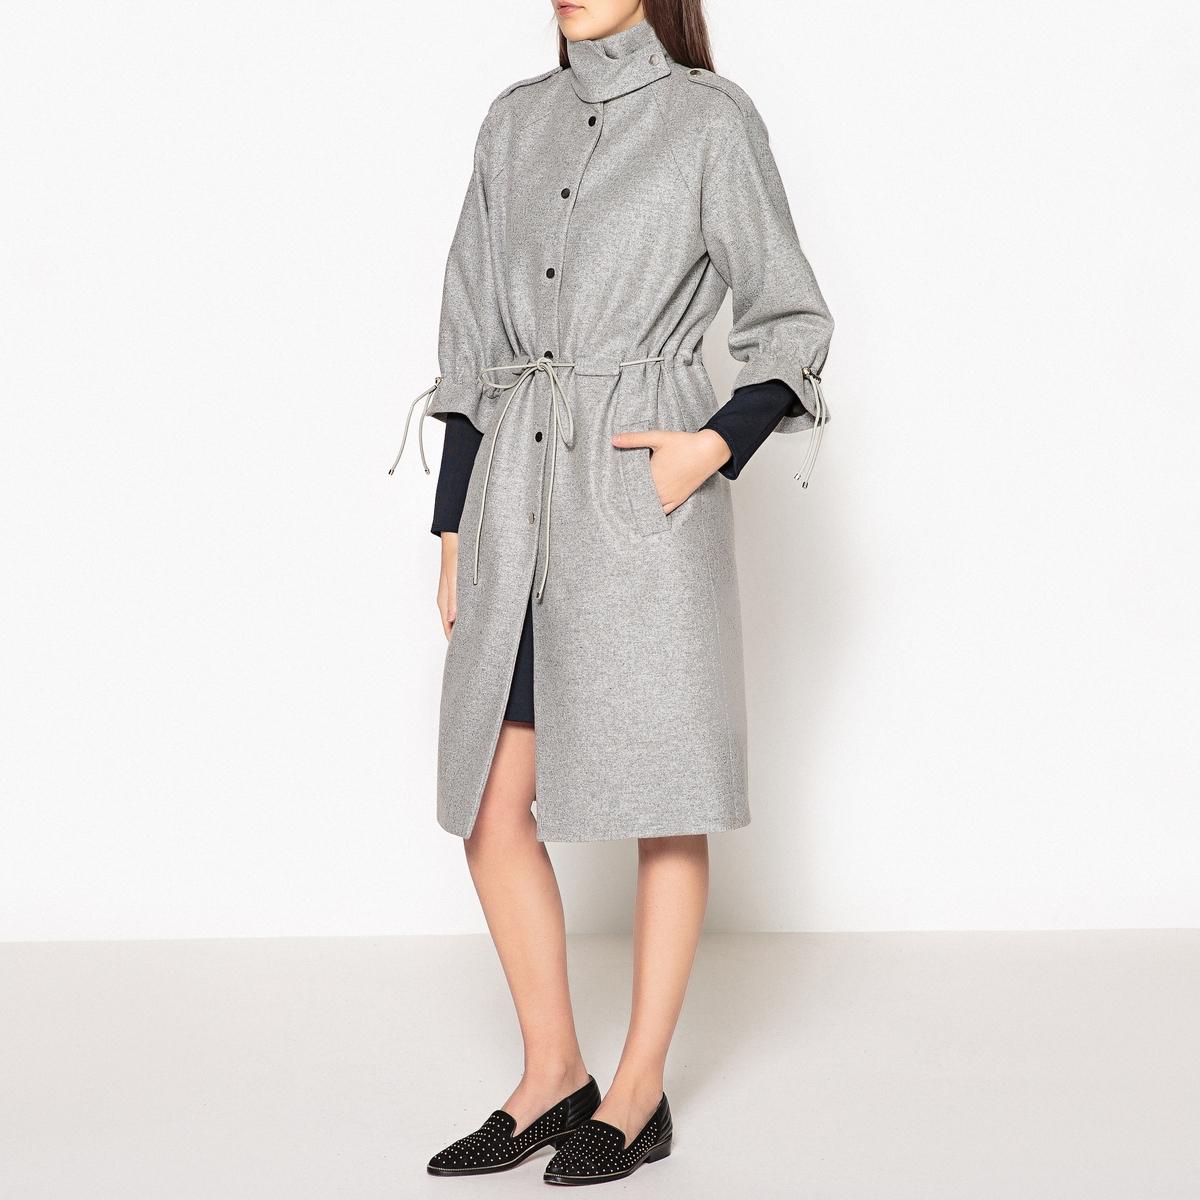 Пальто удлинённое с кожаными завязкамиОписание:Пальто удлинённое CARVEN с тонкими кожаными завязками на талии, воротник-стойка и рукава 3/4, присборенные завязками.Детали •  Длина : удлиненная модель •  Воротник-стойка • Застежка на пуговицыСостав и уход •  80% шерсти, 20% полиамида •  Подкладка : 48% вискозы, 52% ацетата •  Следуйте советам по уходу, указанным на этикетке<br><br>Цвет: серый меланж